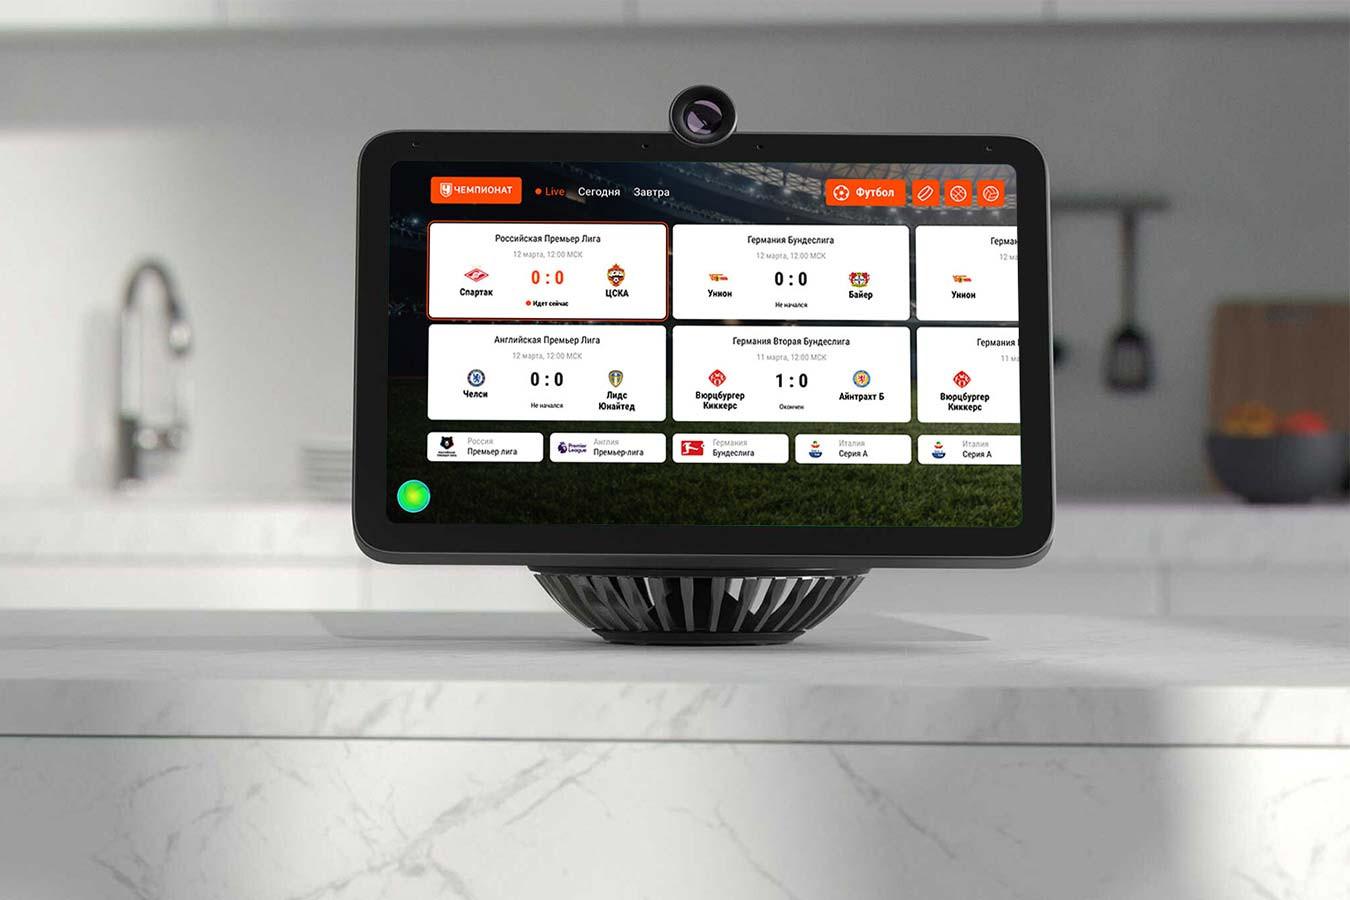 Приложение «Чемпионат. Моя команда» теперь доступно на устройствах SberBox и SberPortal